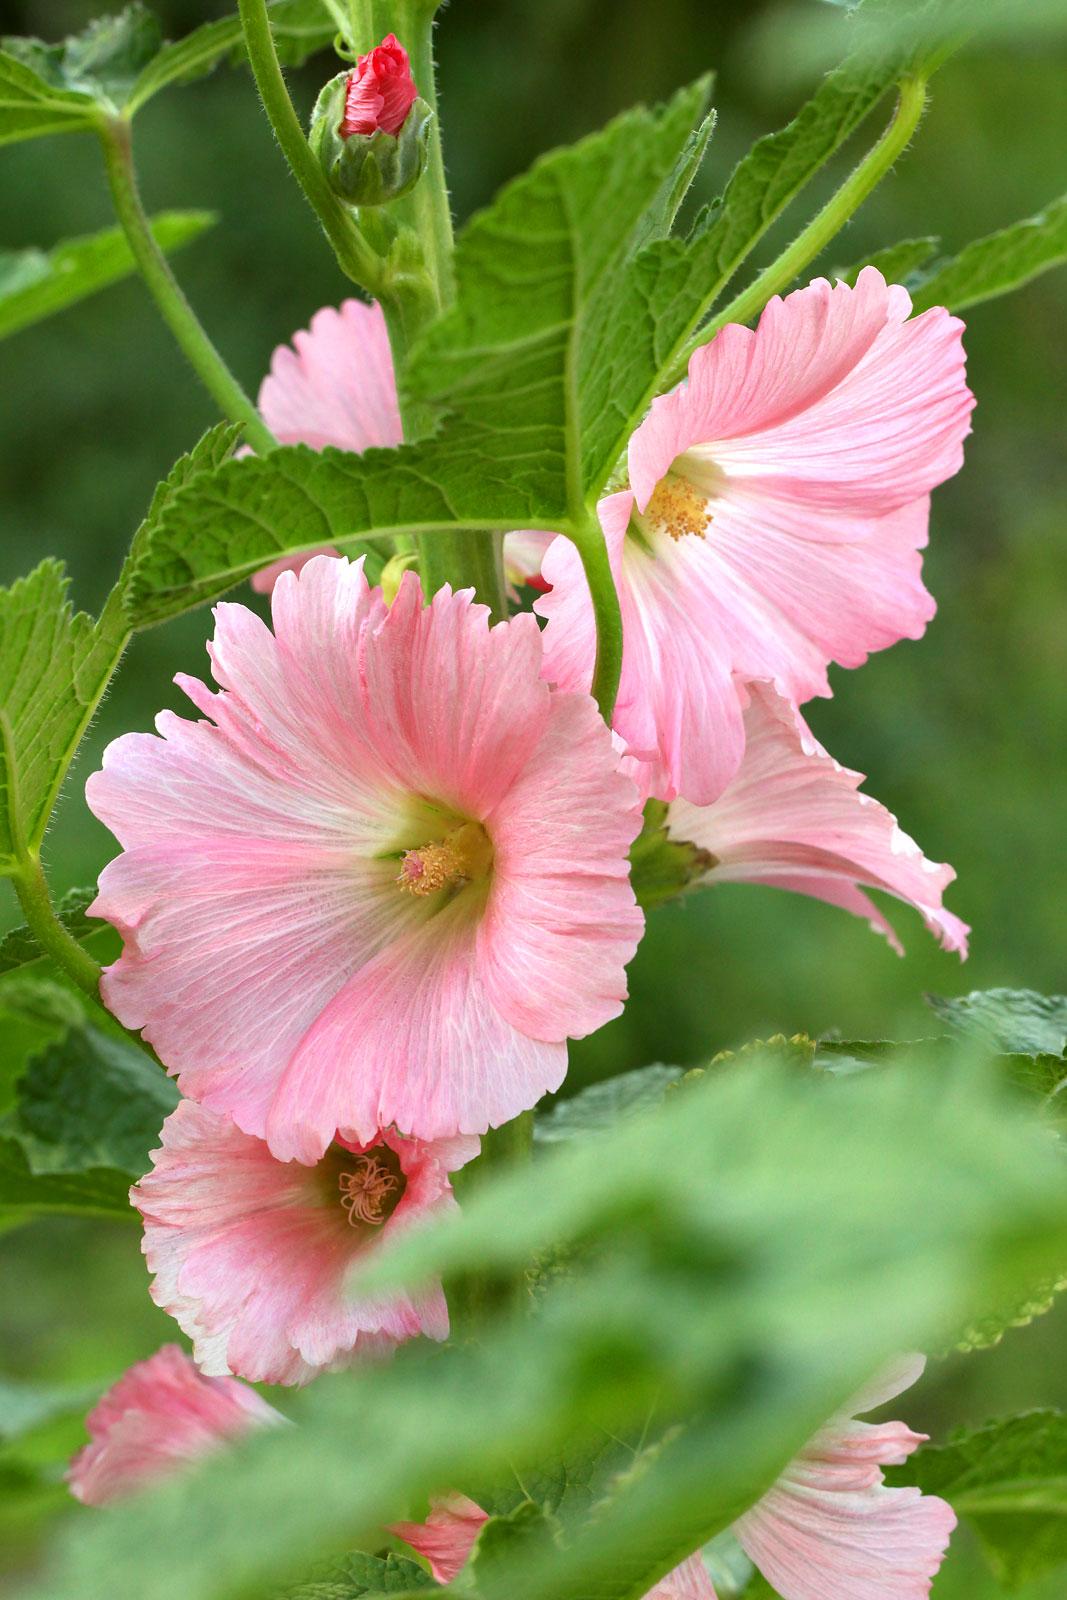 タチアオイ(立葵) / お花の写真集